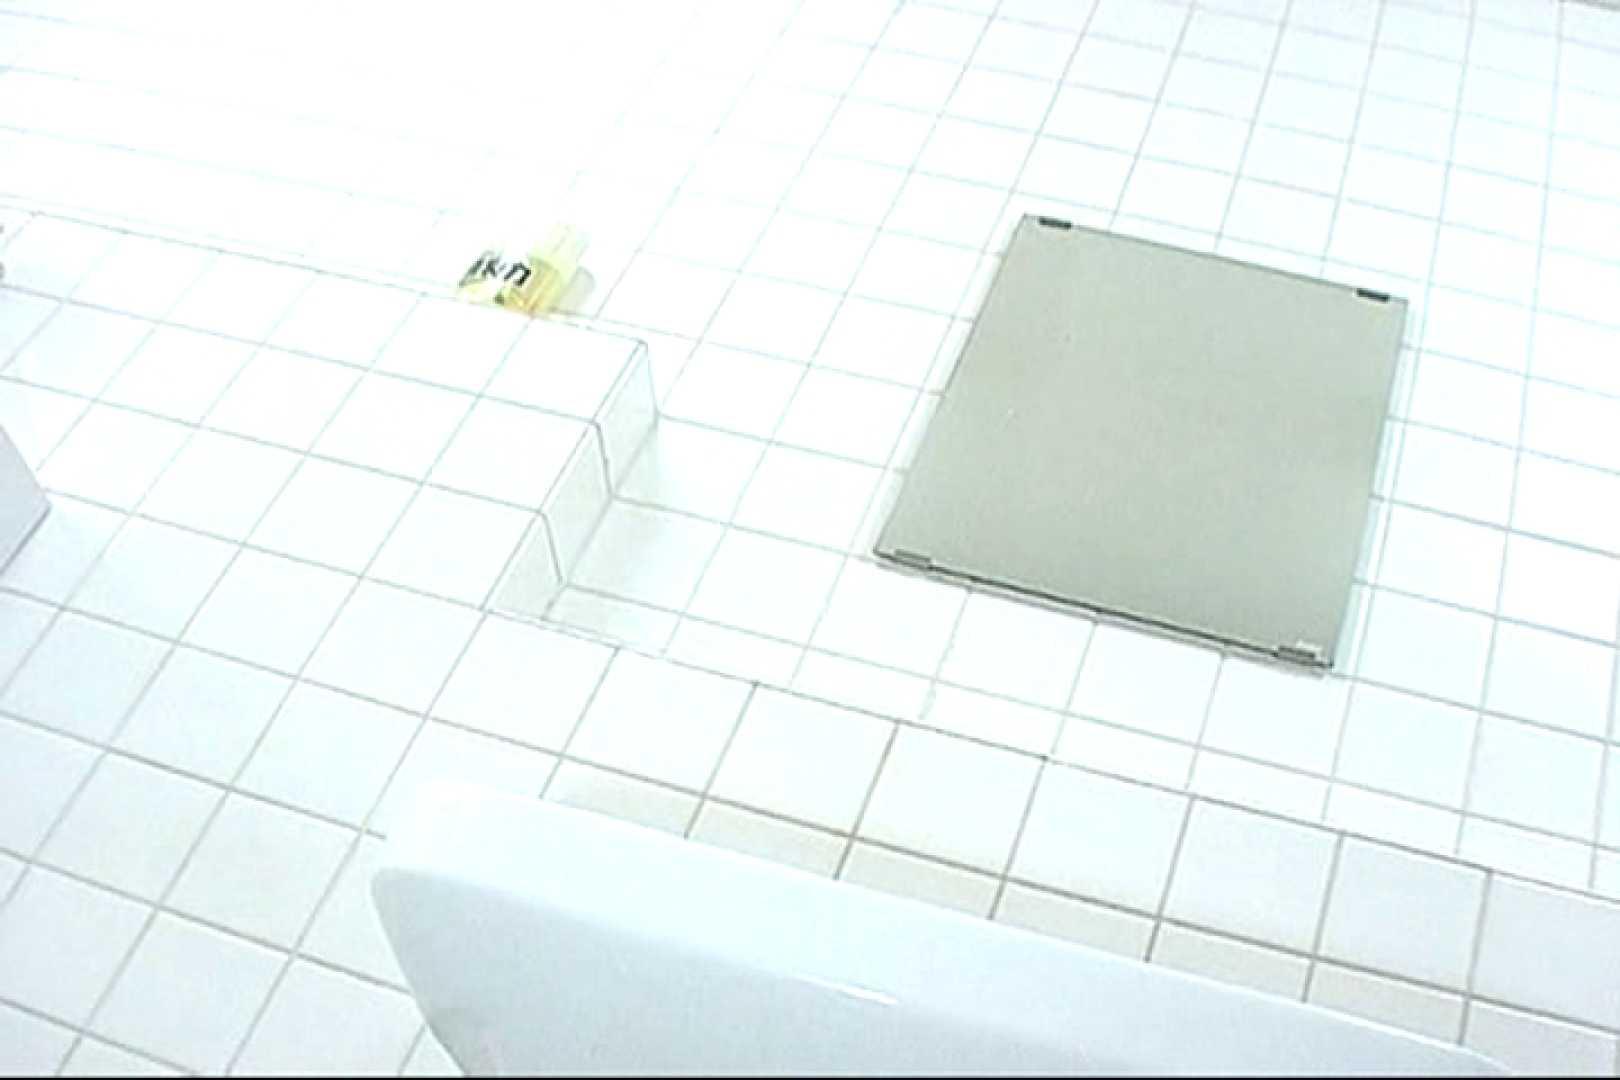 雑居ビル洗面所只今使用禁止中!Vol.3 洗面所はめどり ヌード画像 81画像 62